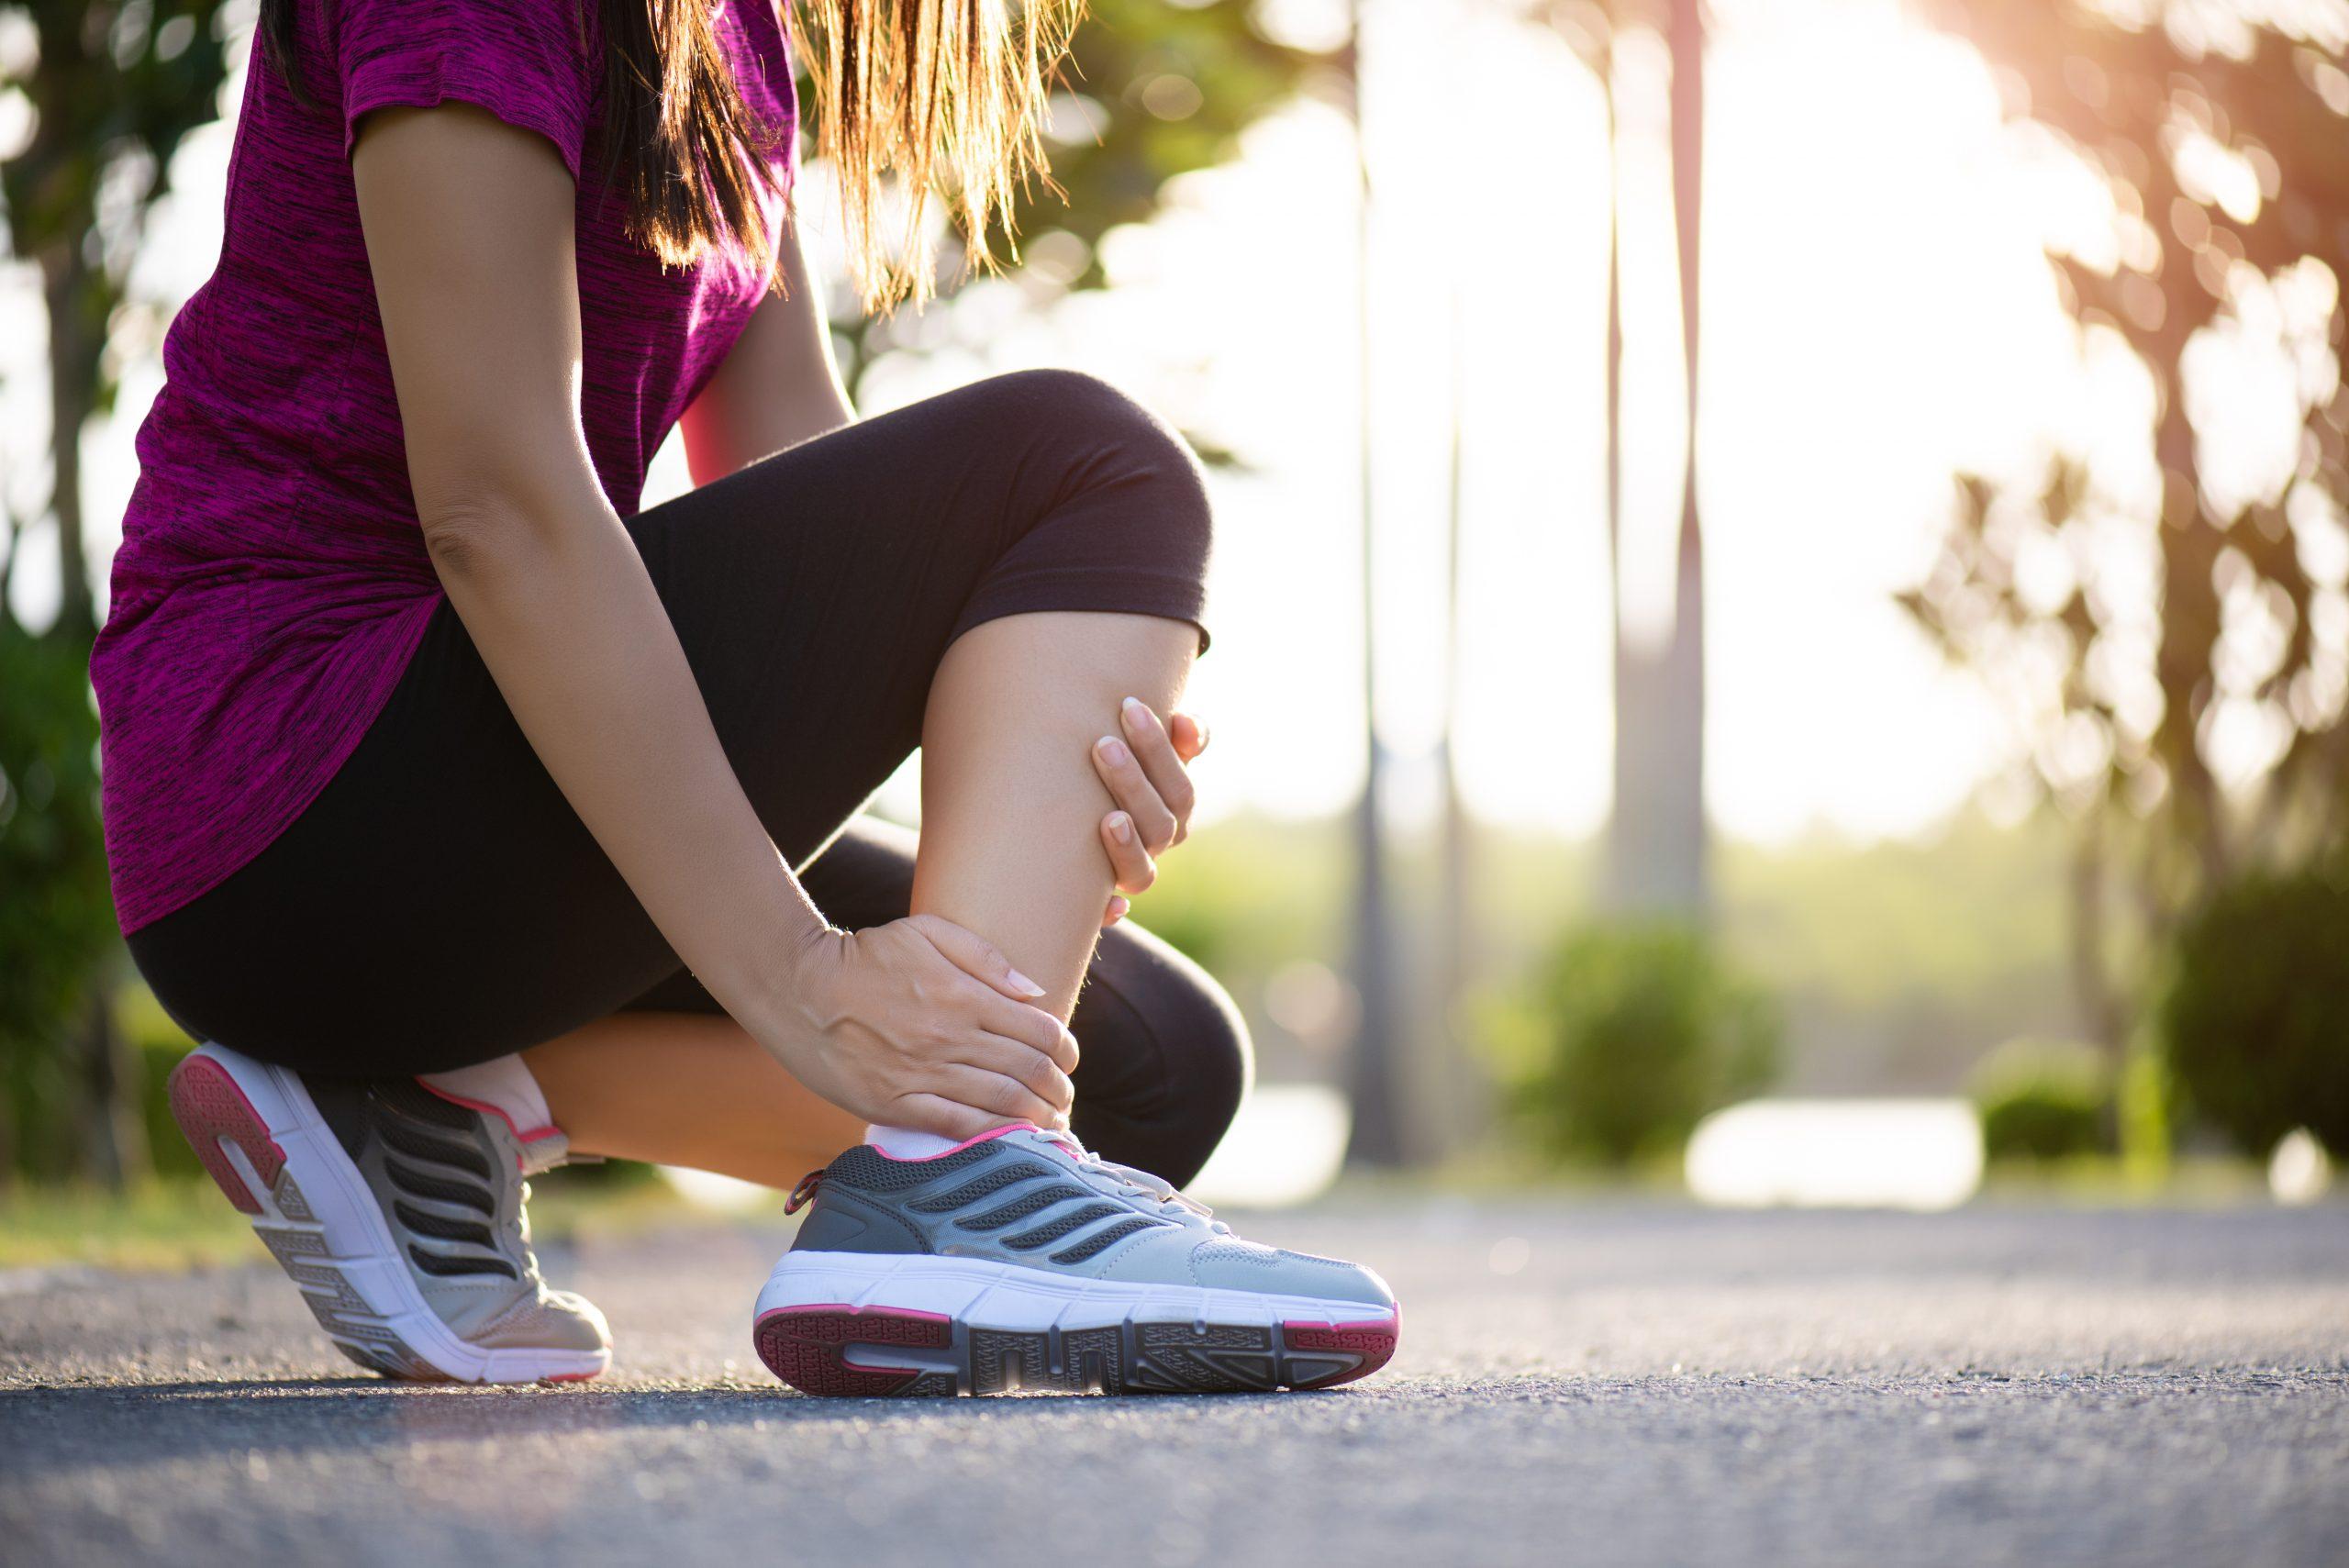 dor na perna ao correr